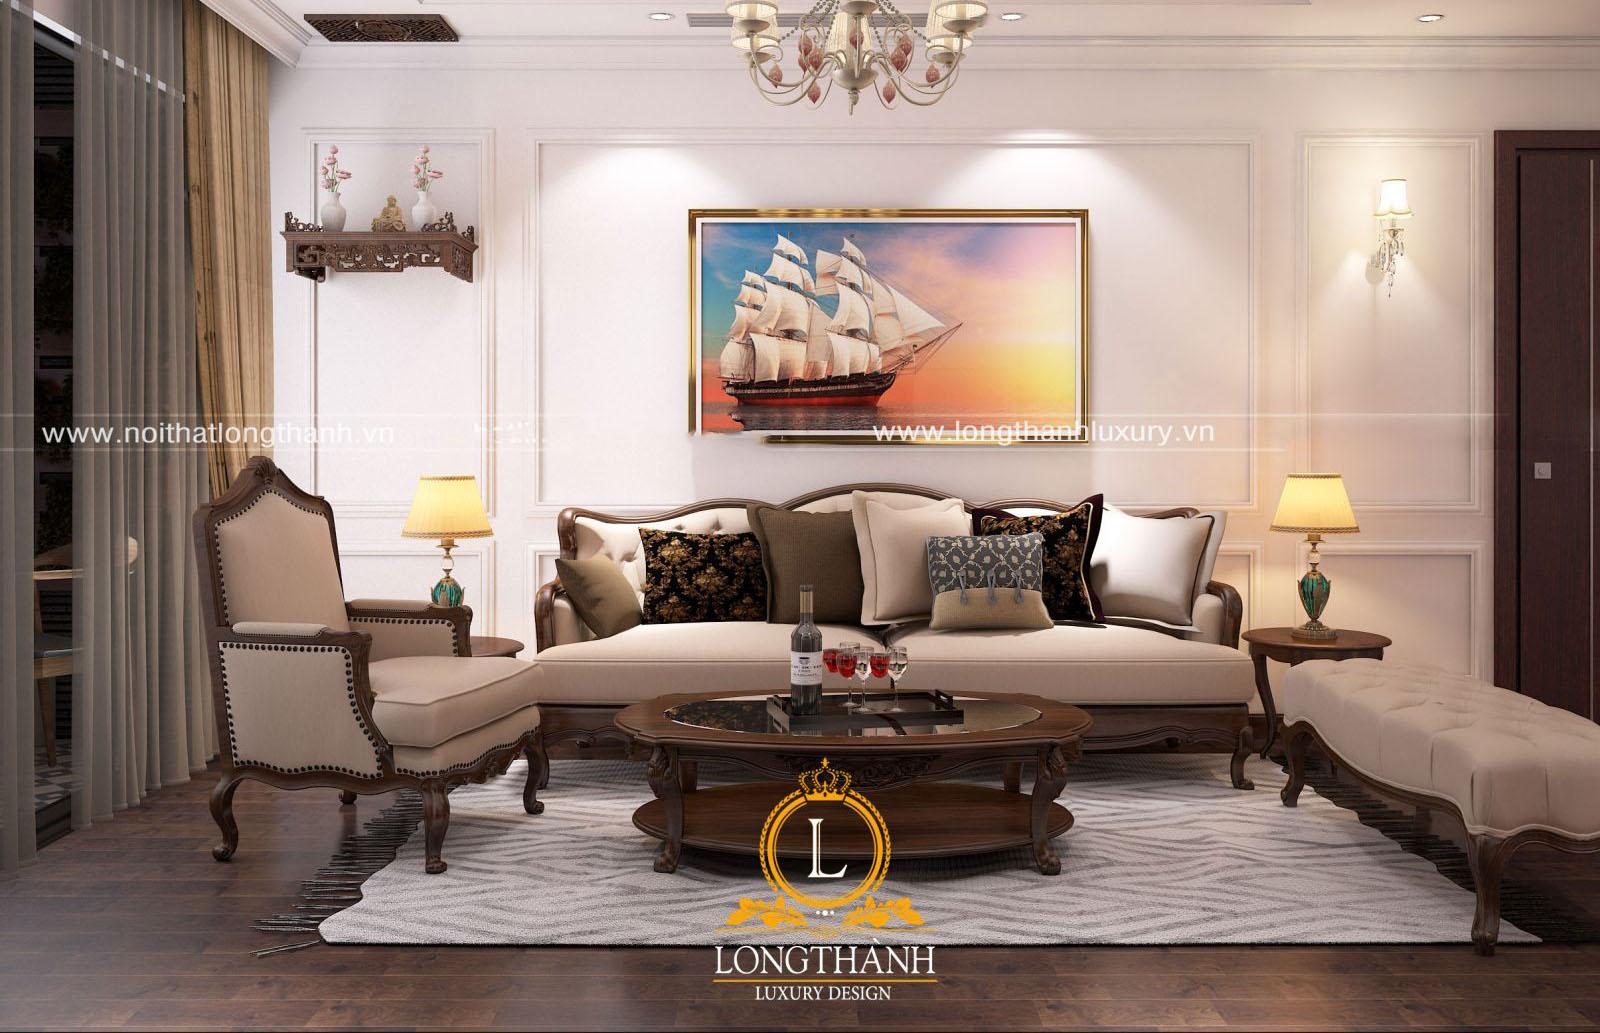 Bộ sofa tối ưu diện tích chung cư nhỏ